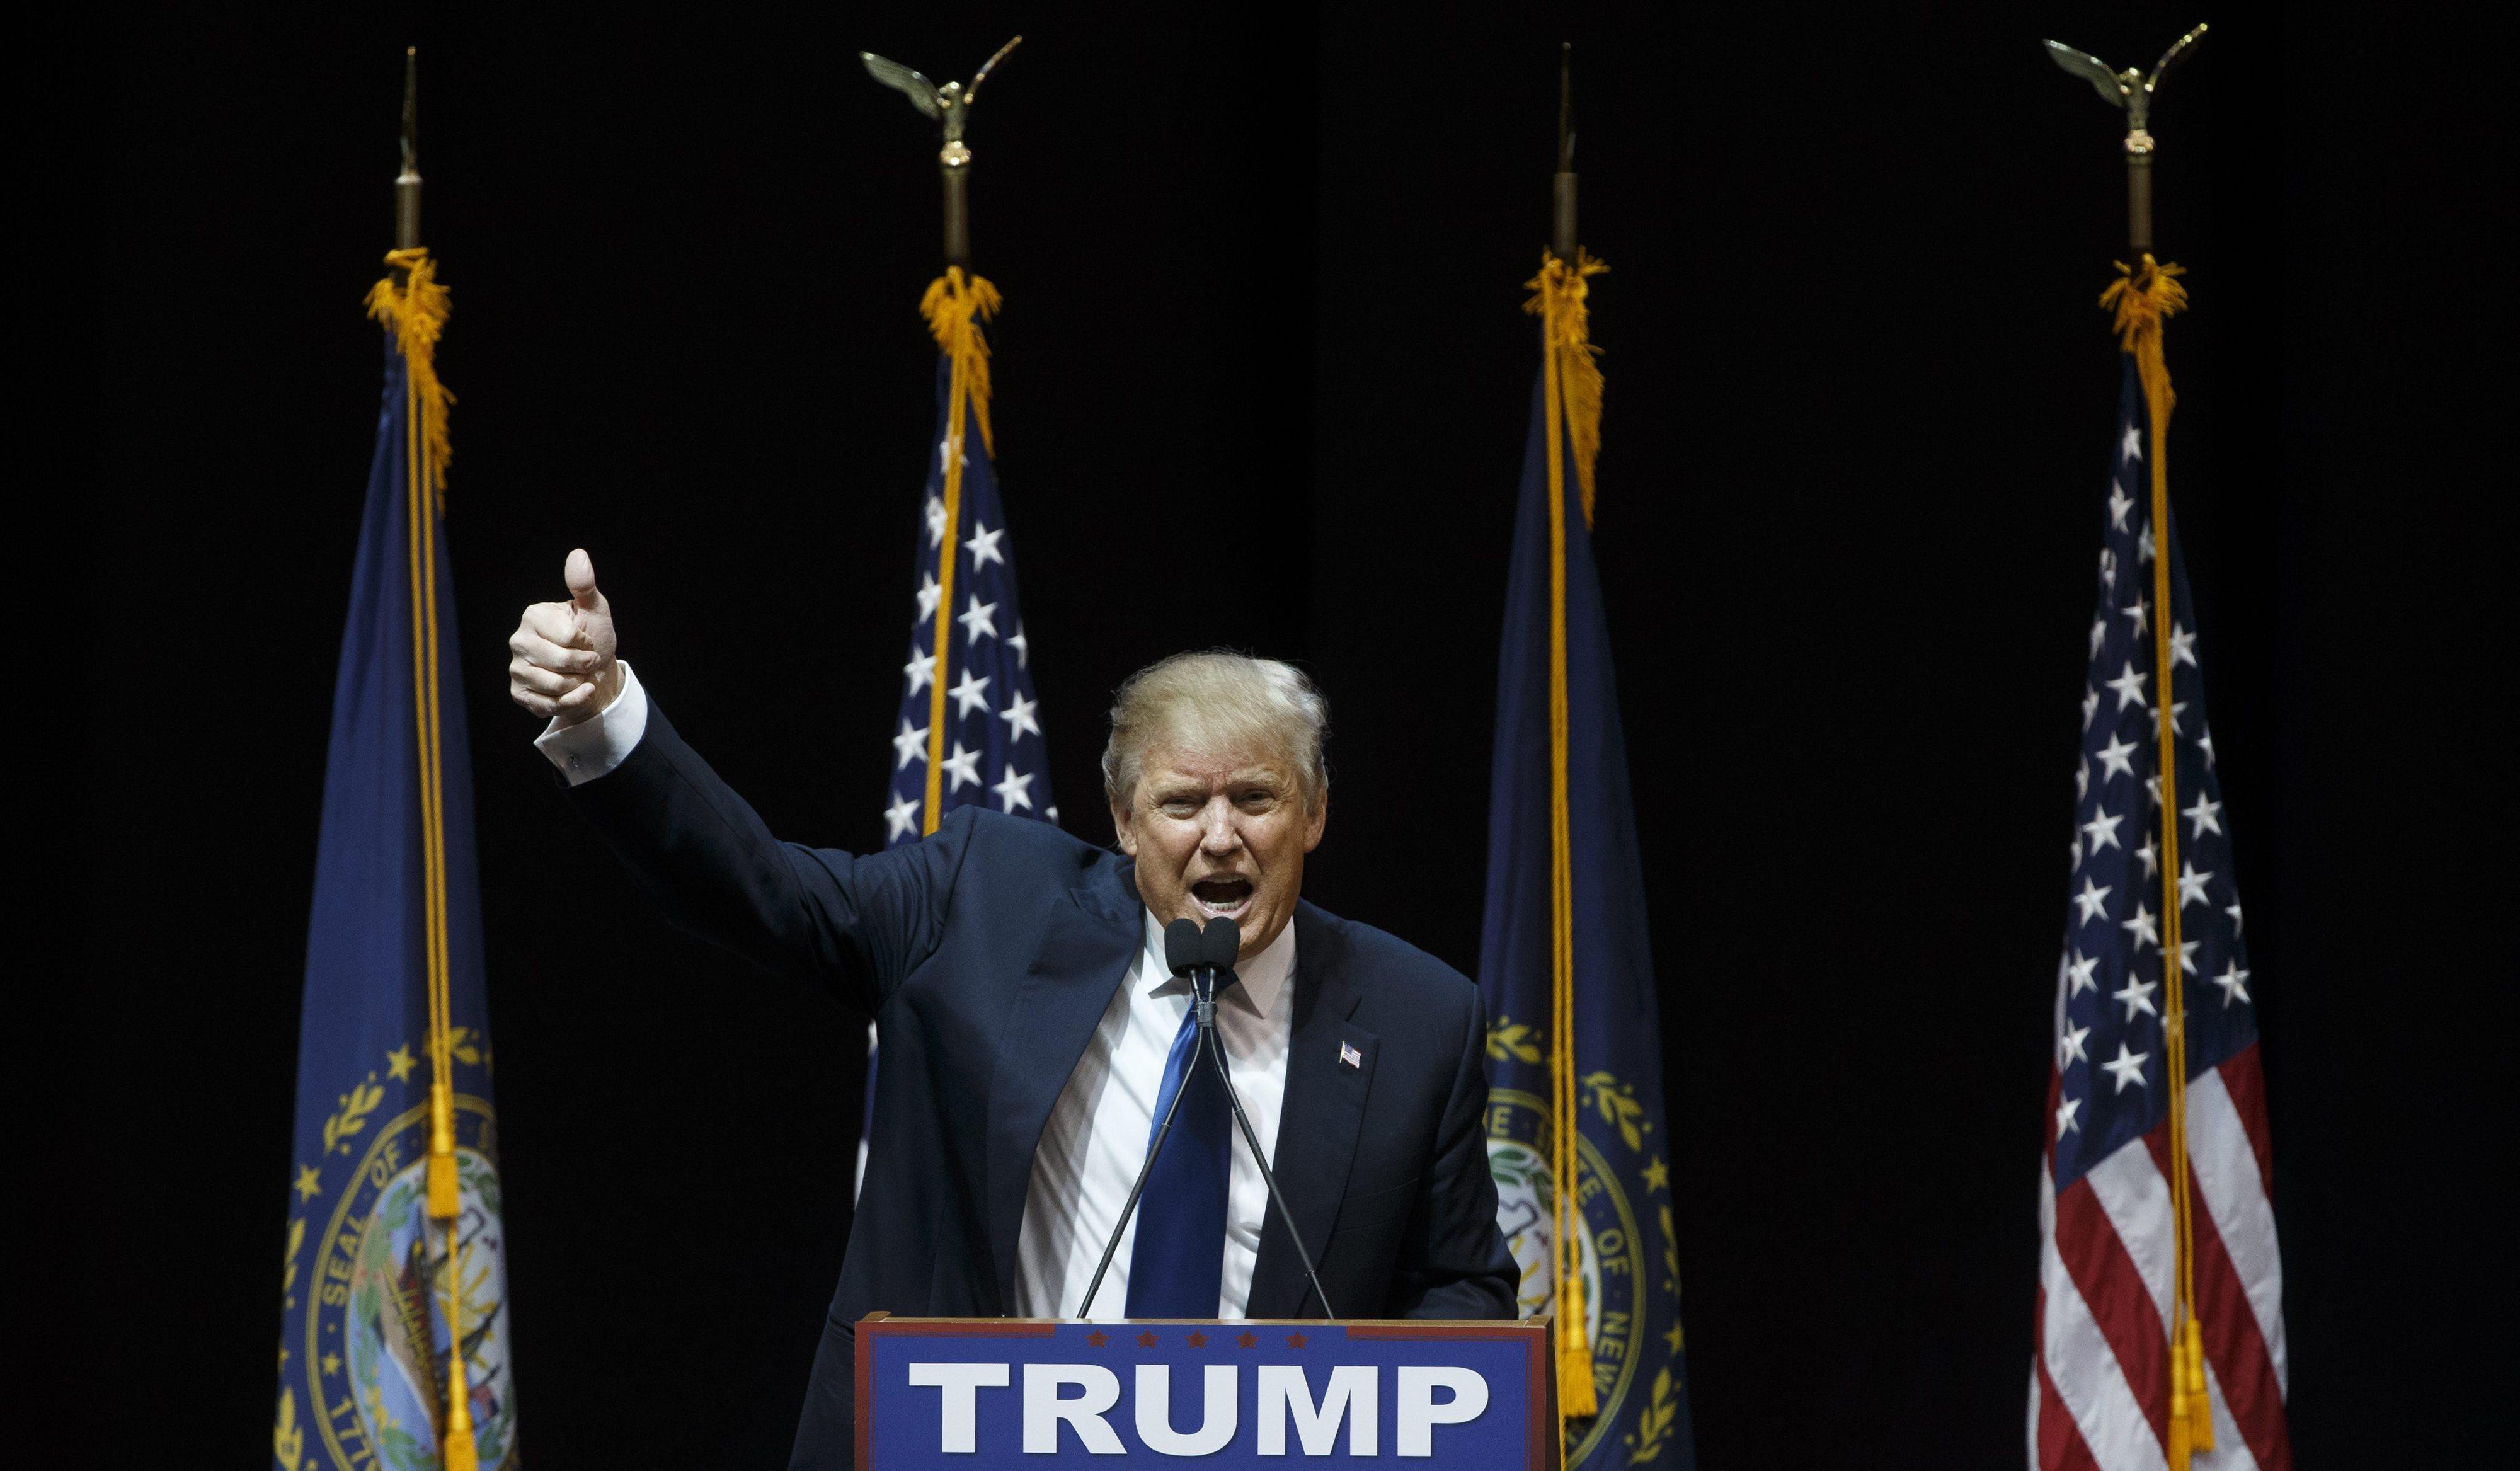 Donald Trump ganhou primárias republicanas em New Hampshire